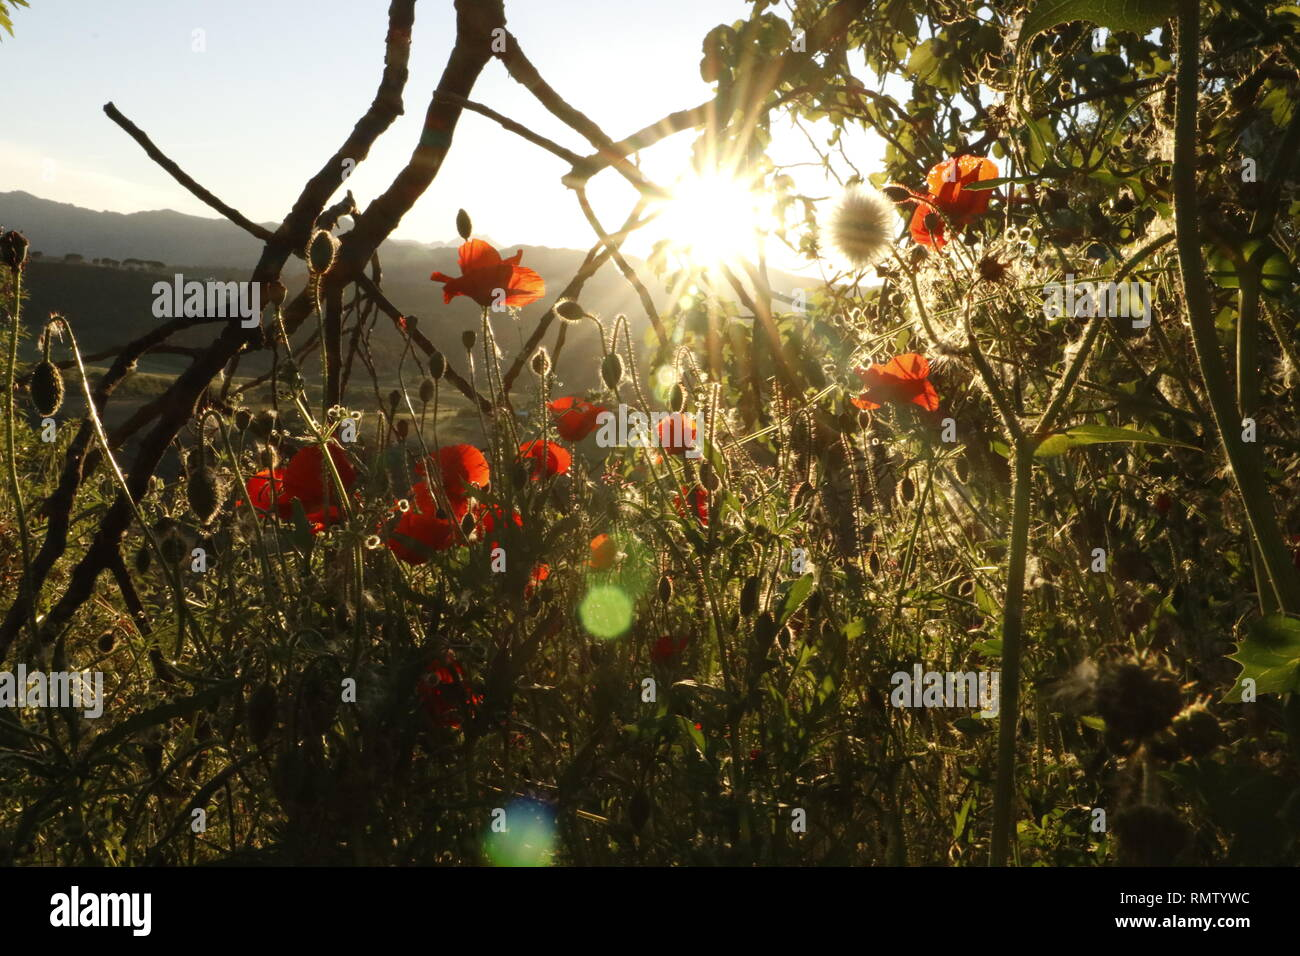 Blühende Pflanzen Mohn im Frühjahr im Hintergrund Äste und tiefstehende Sonne - Stock Image